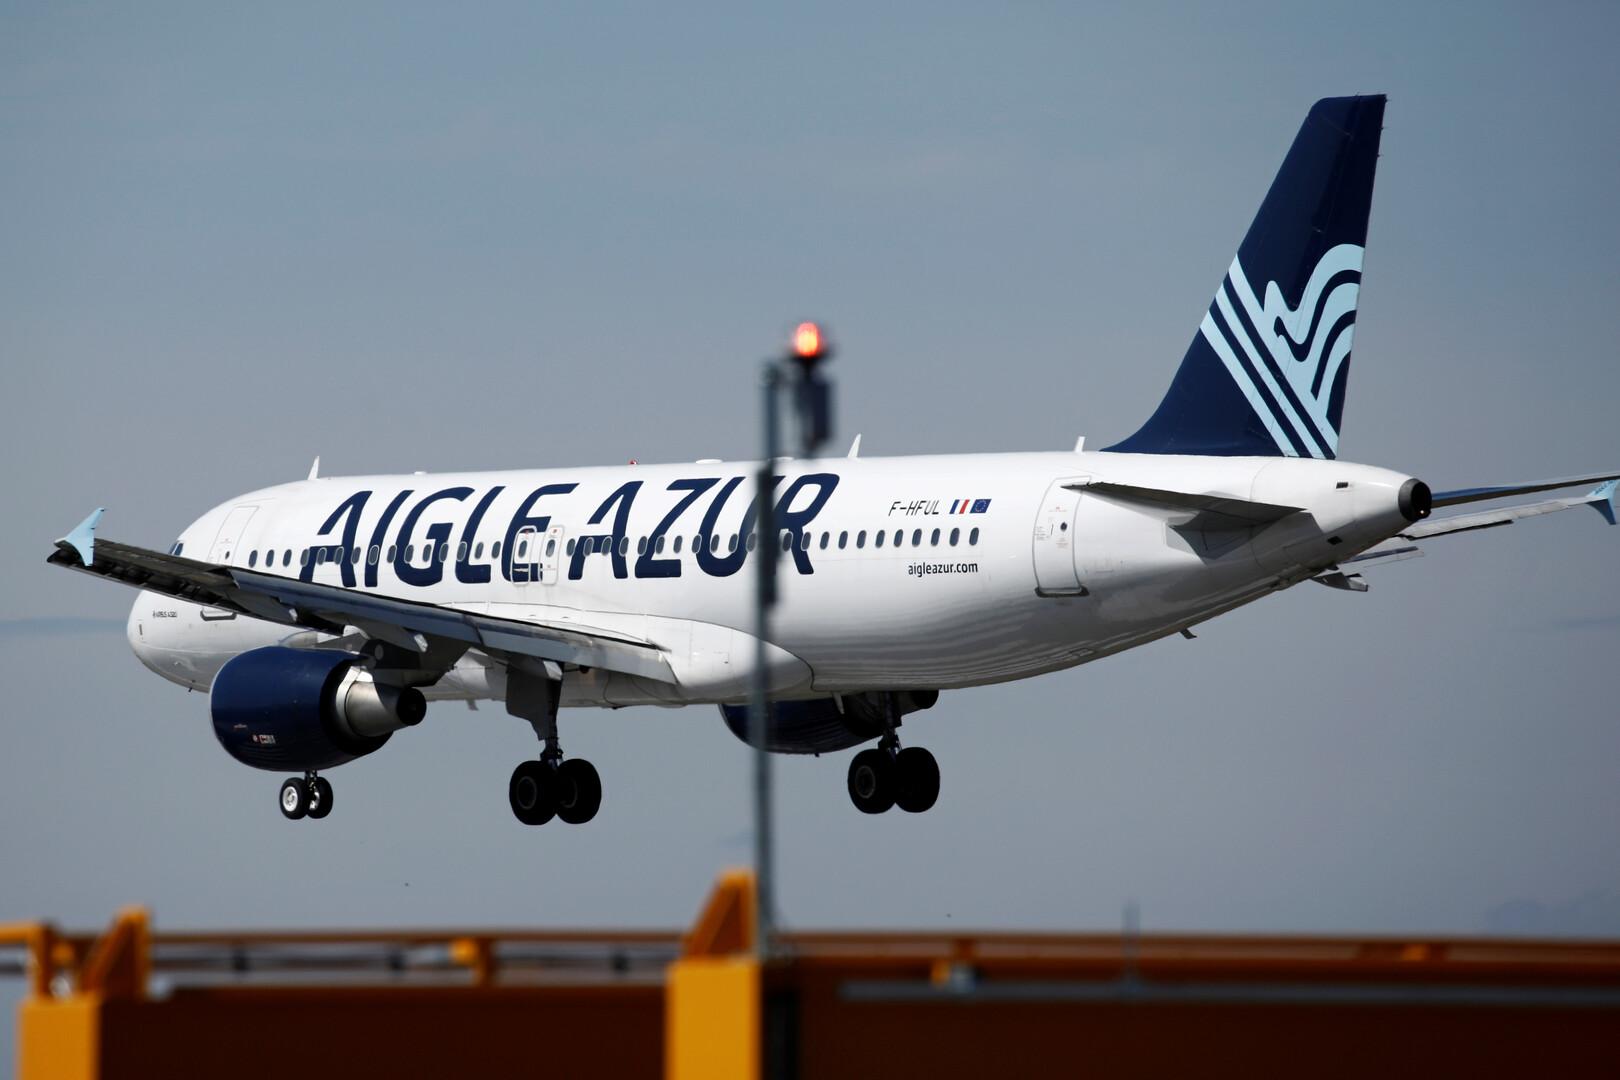 إفلاس شركة طيران فرنسية.. والخطوط الجوية الجزائرية تتدخل